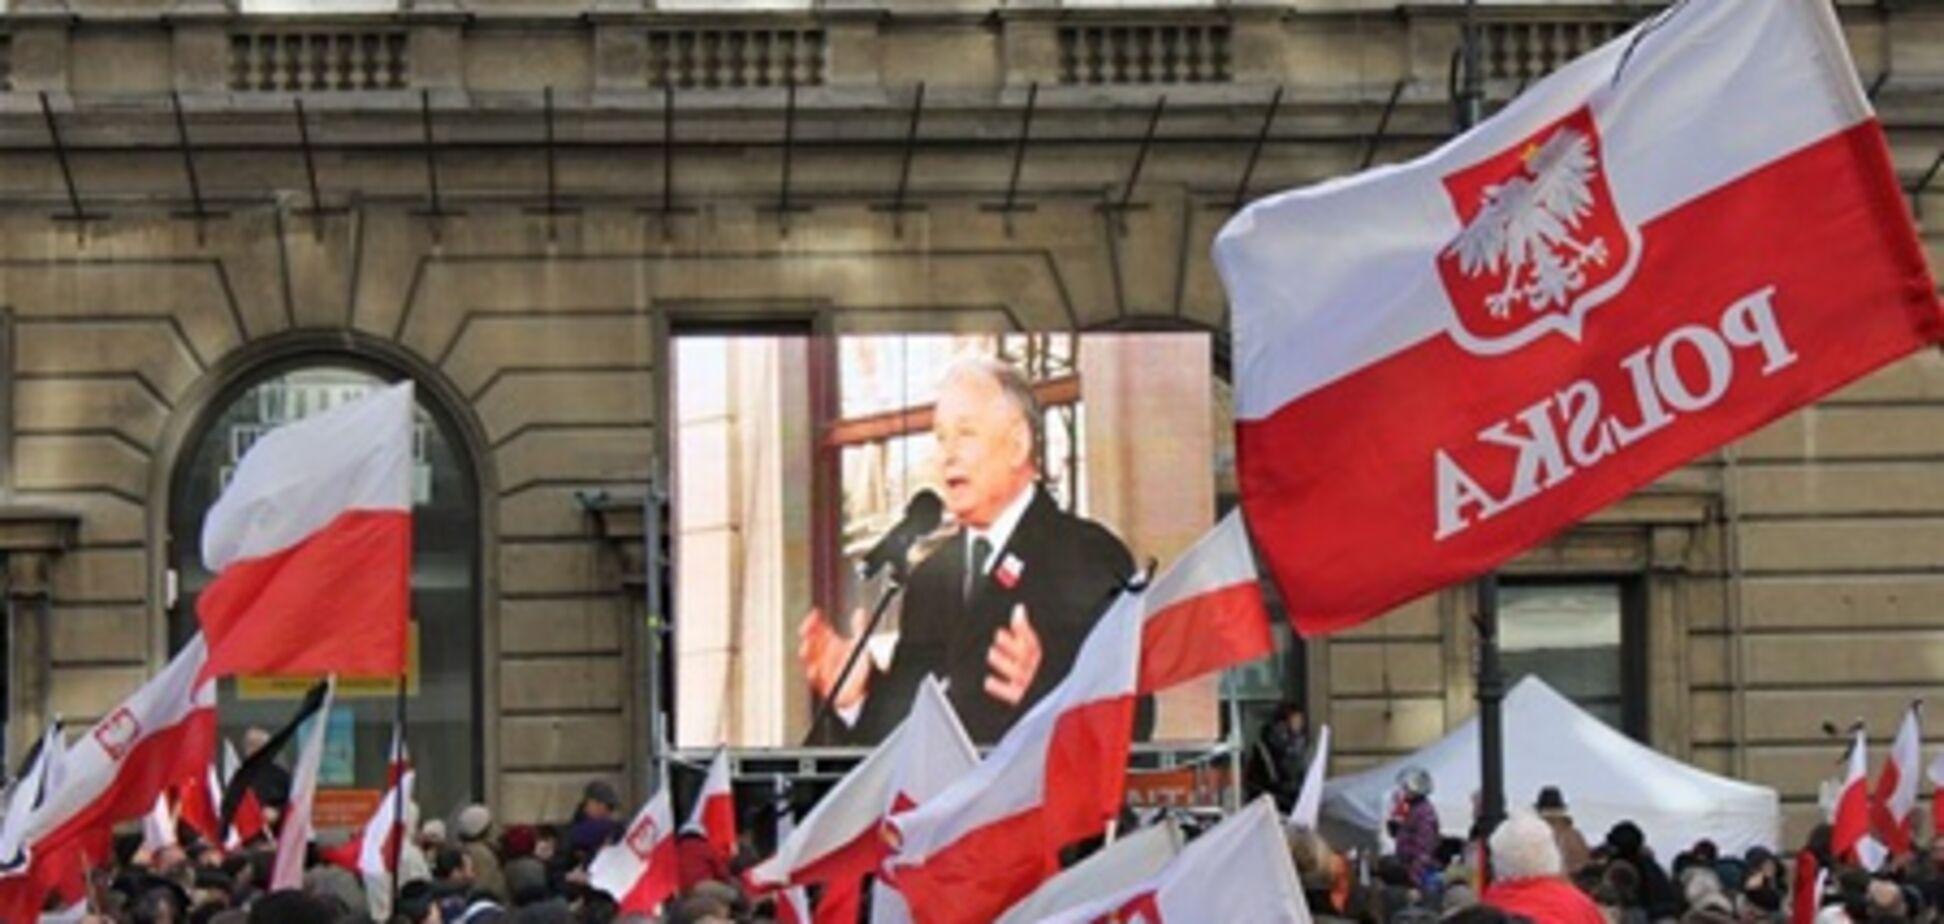 Поляки поссорились в годовщину гибели Качиньского. Репортаж из Варшавы